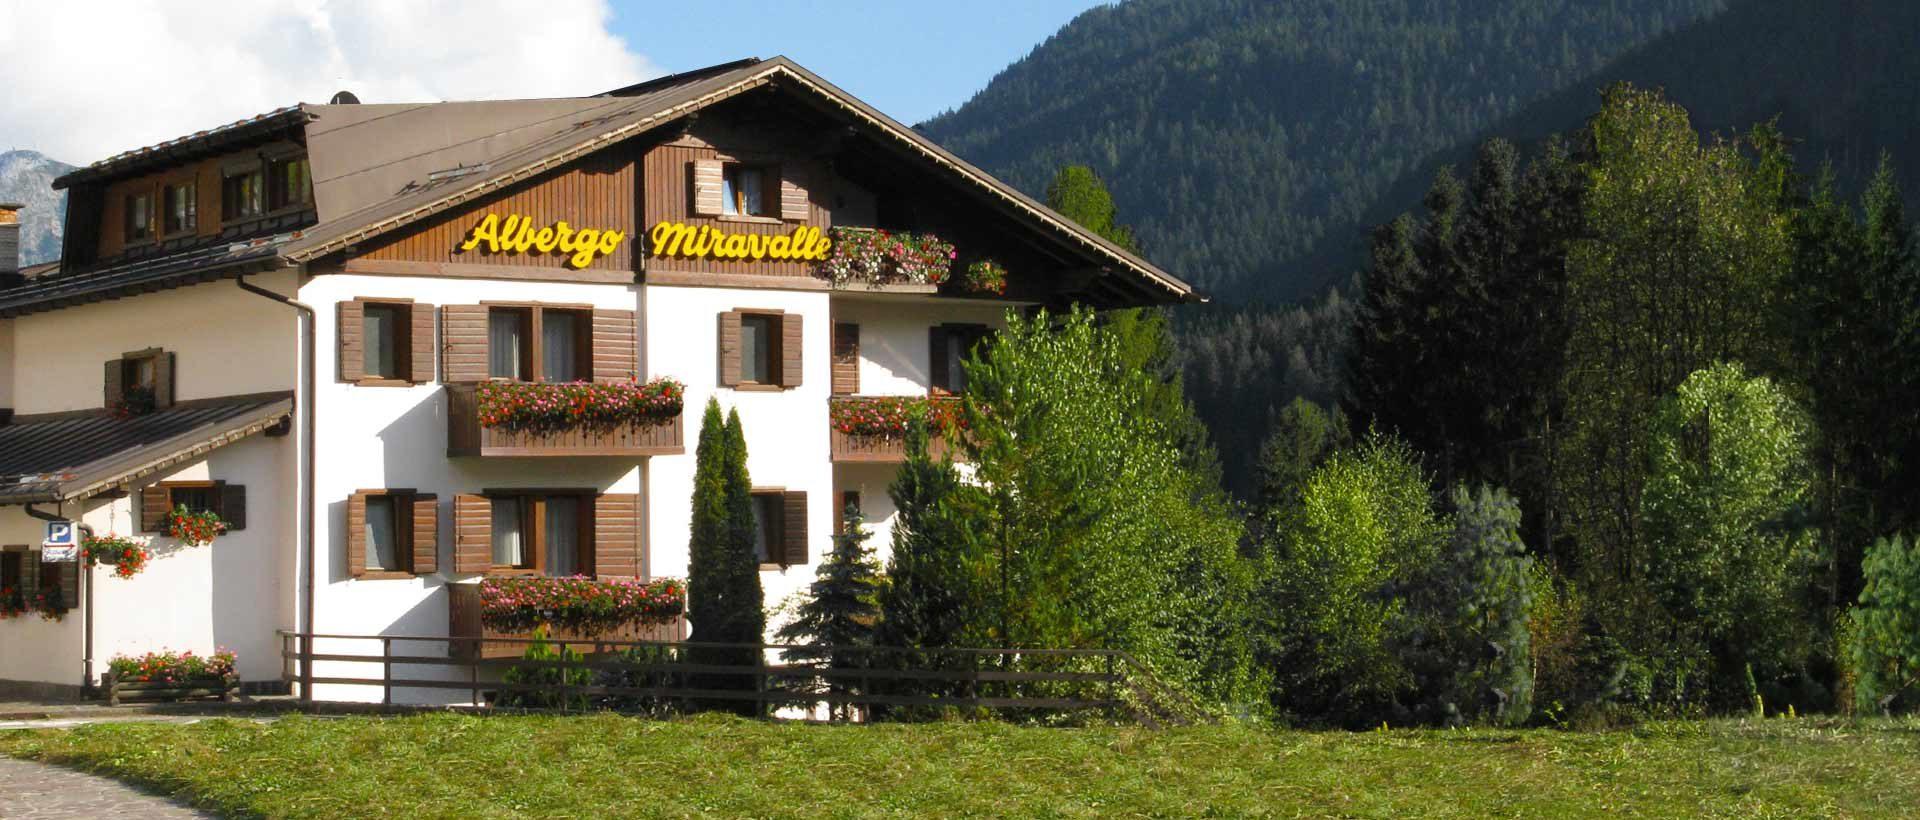 Albergo_miravalle_estate-2017